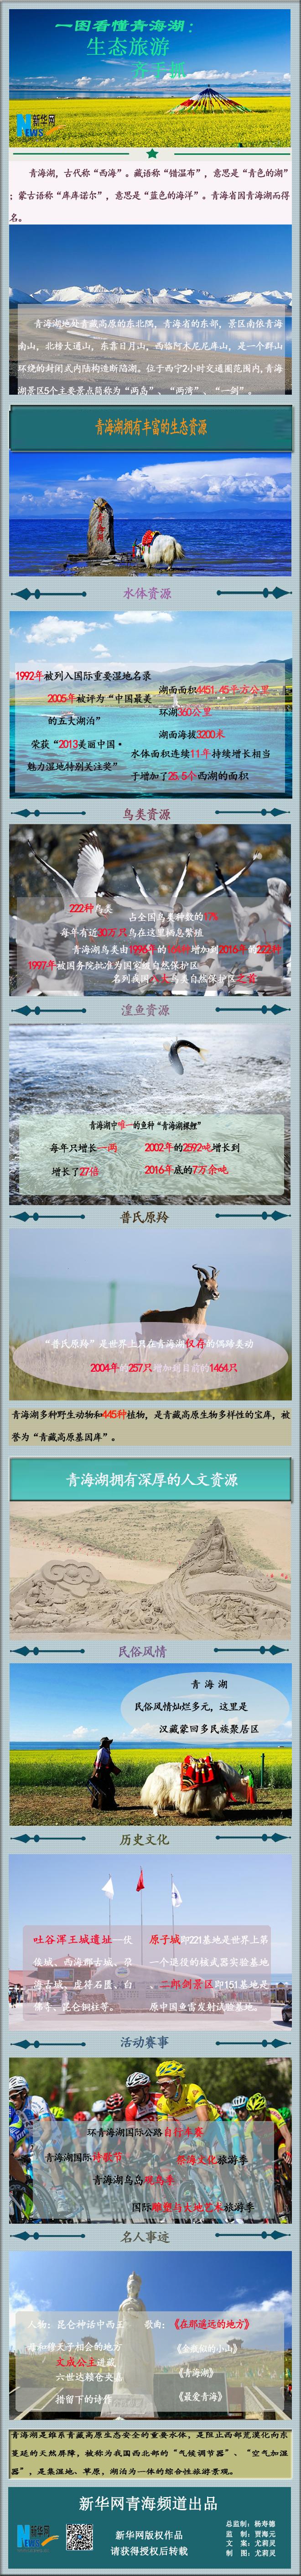 一图看懂青海湖:生态旅游齐手抓